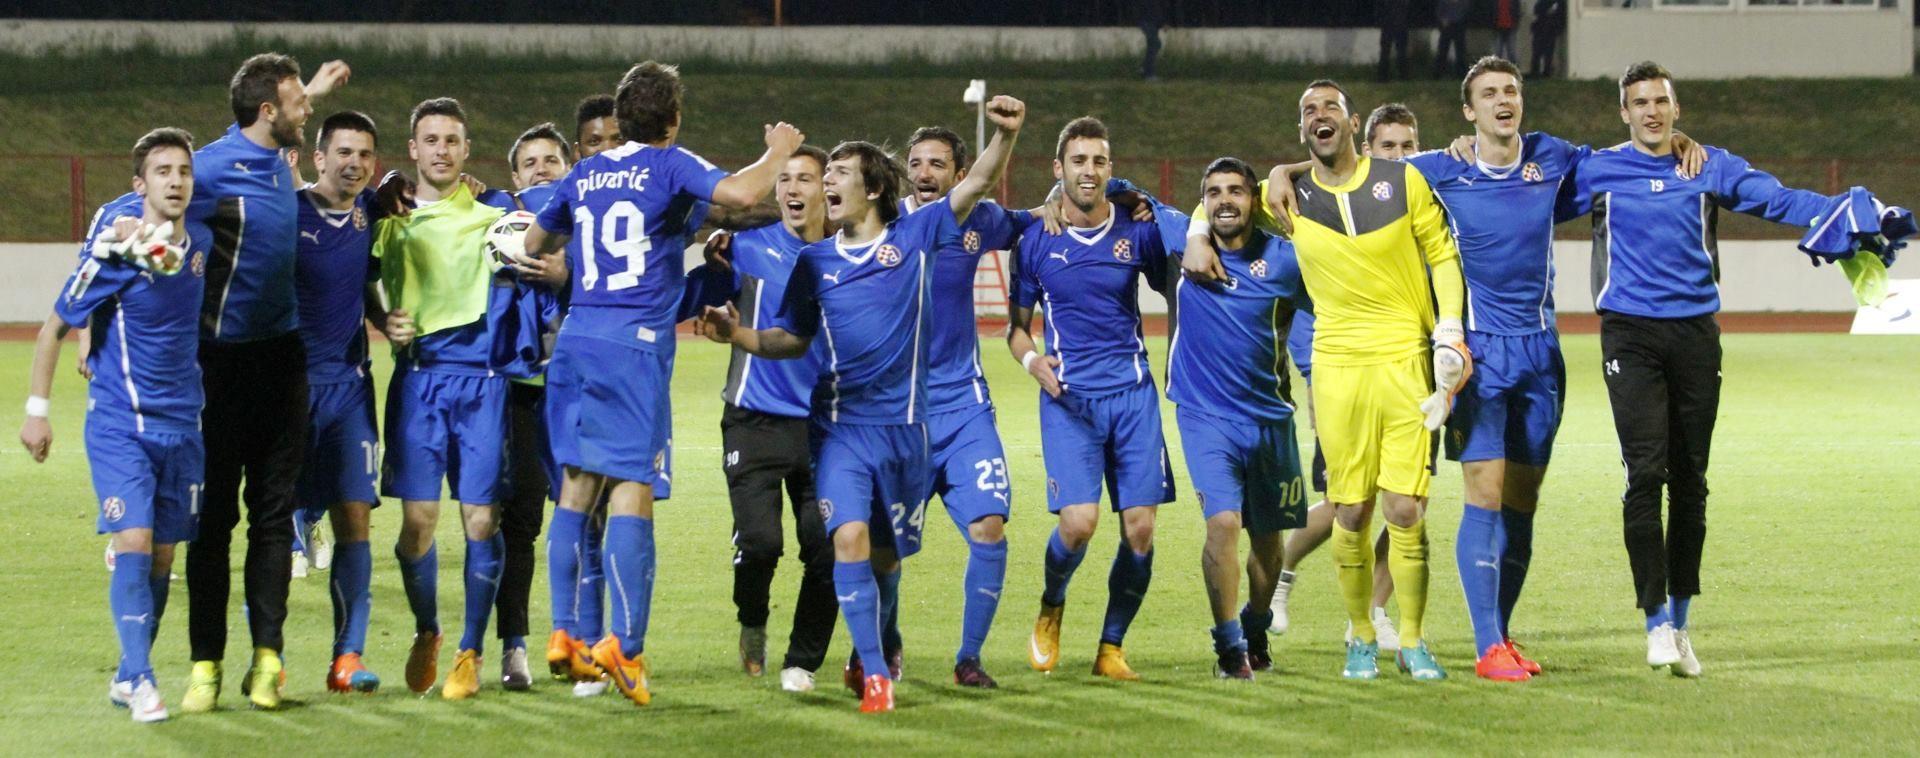 NASTAVAK NIZA: Dinamo osvojio 10. uzastopni naslov prvaka Hrvatske